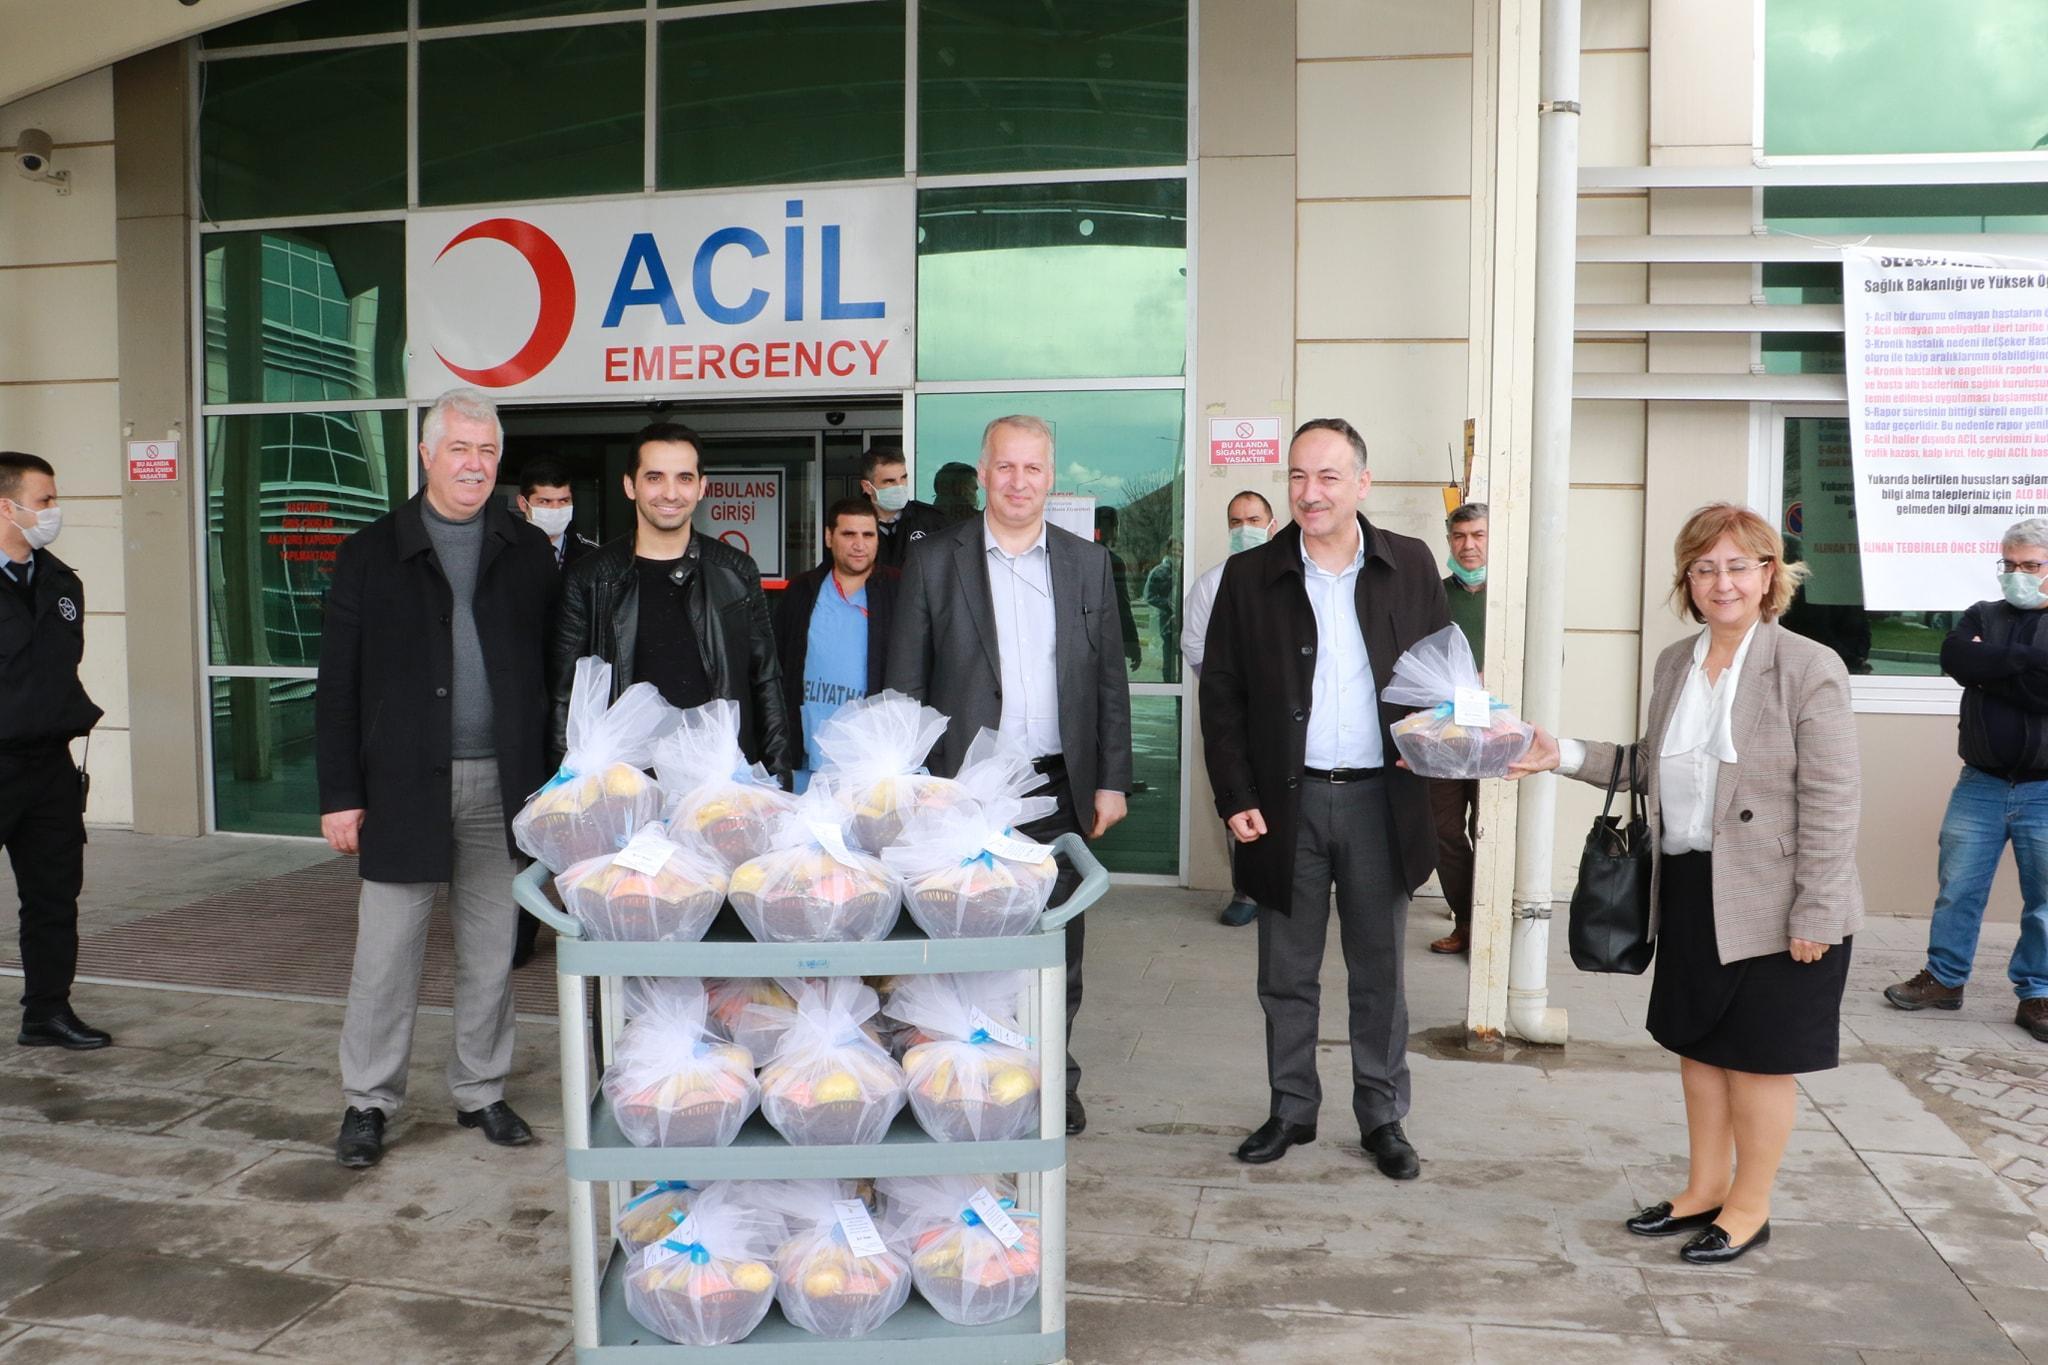 Sağlık çalışanlarına Başkan Saygılı'dan jest 1 - Sağlık çalışanlarına Başkan Saygılı'dan jest